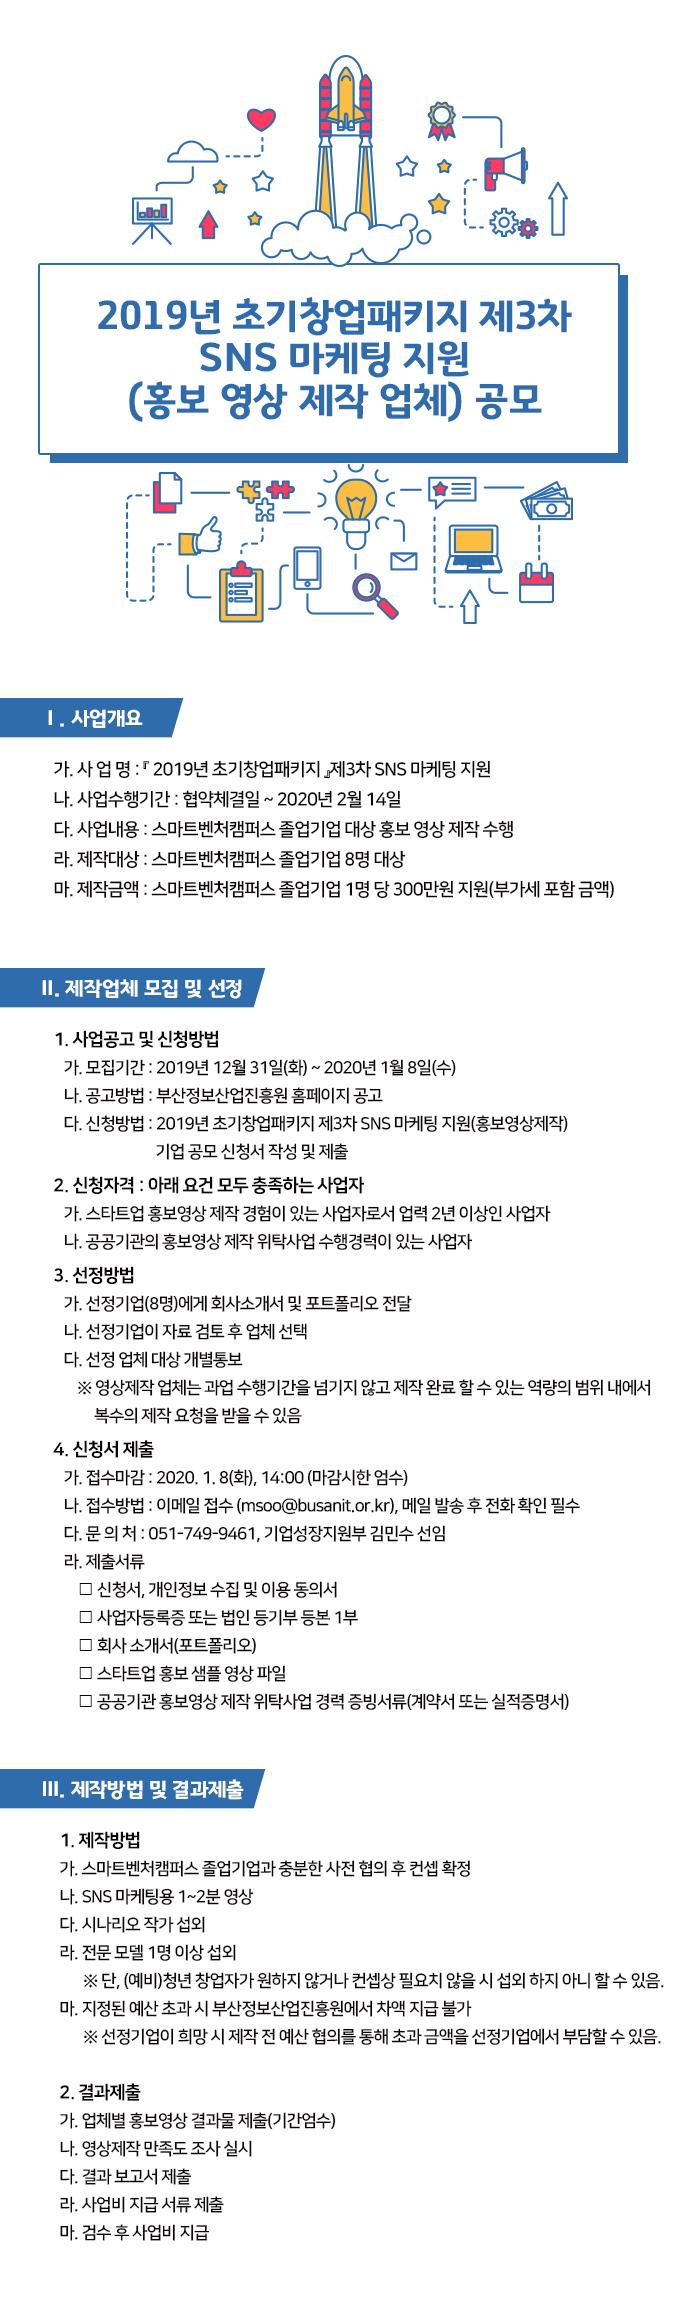 2019년 초기창업패키지 제3차 SNS 마케팅 지원(홍보 영상 제작 업체) 공모